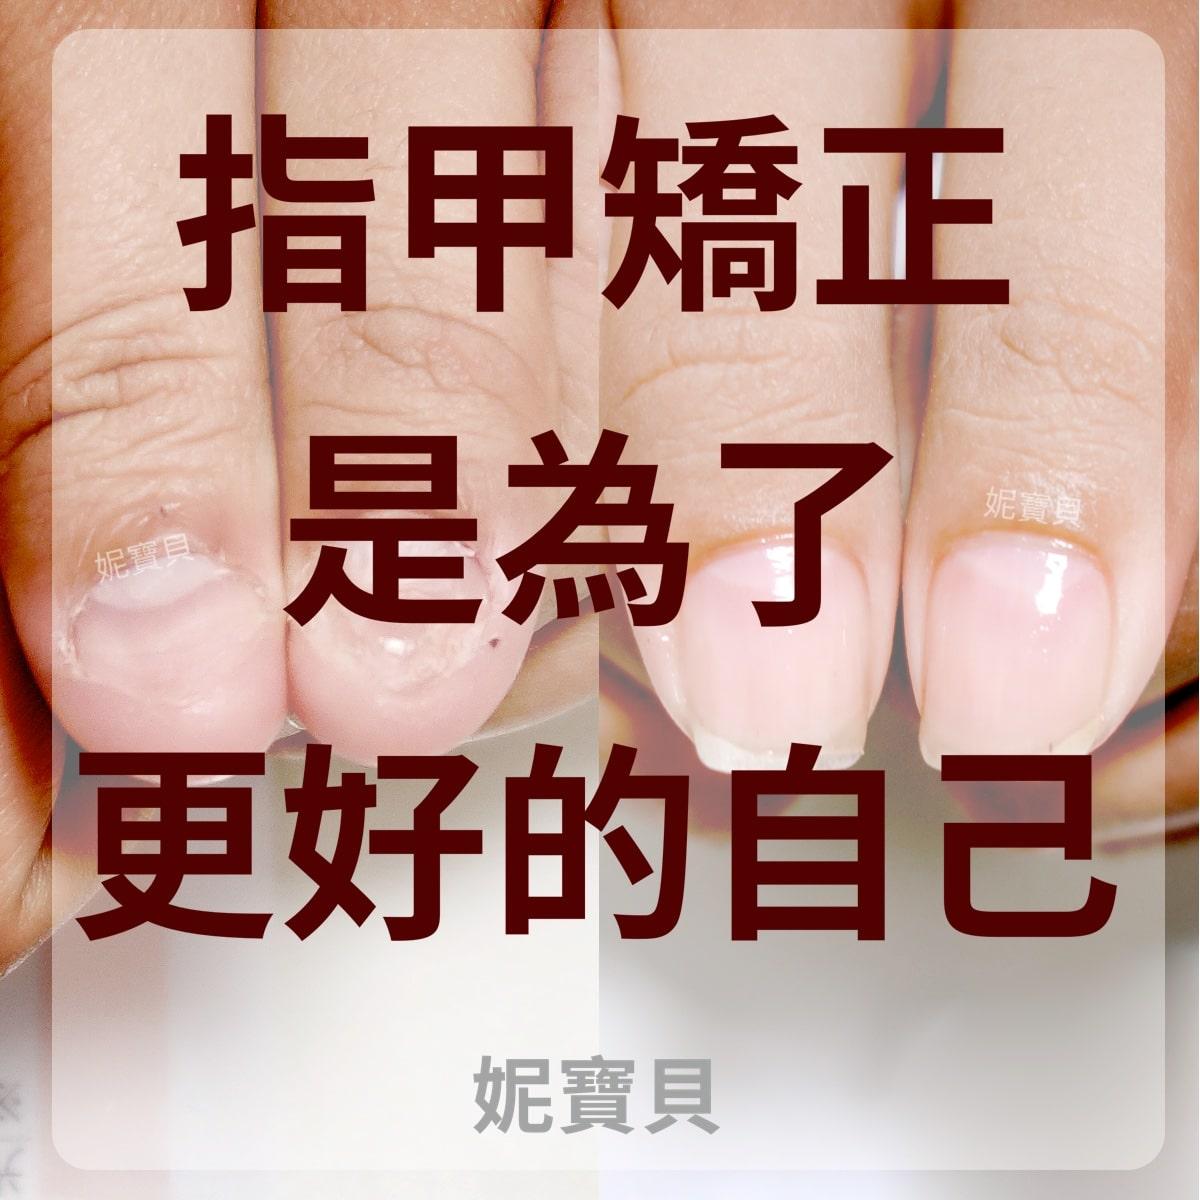 指甲矯正-是為了更好的自己